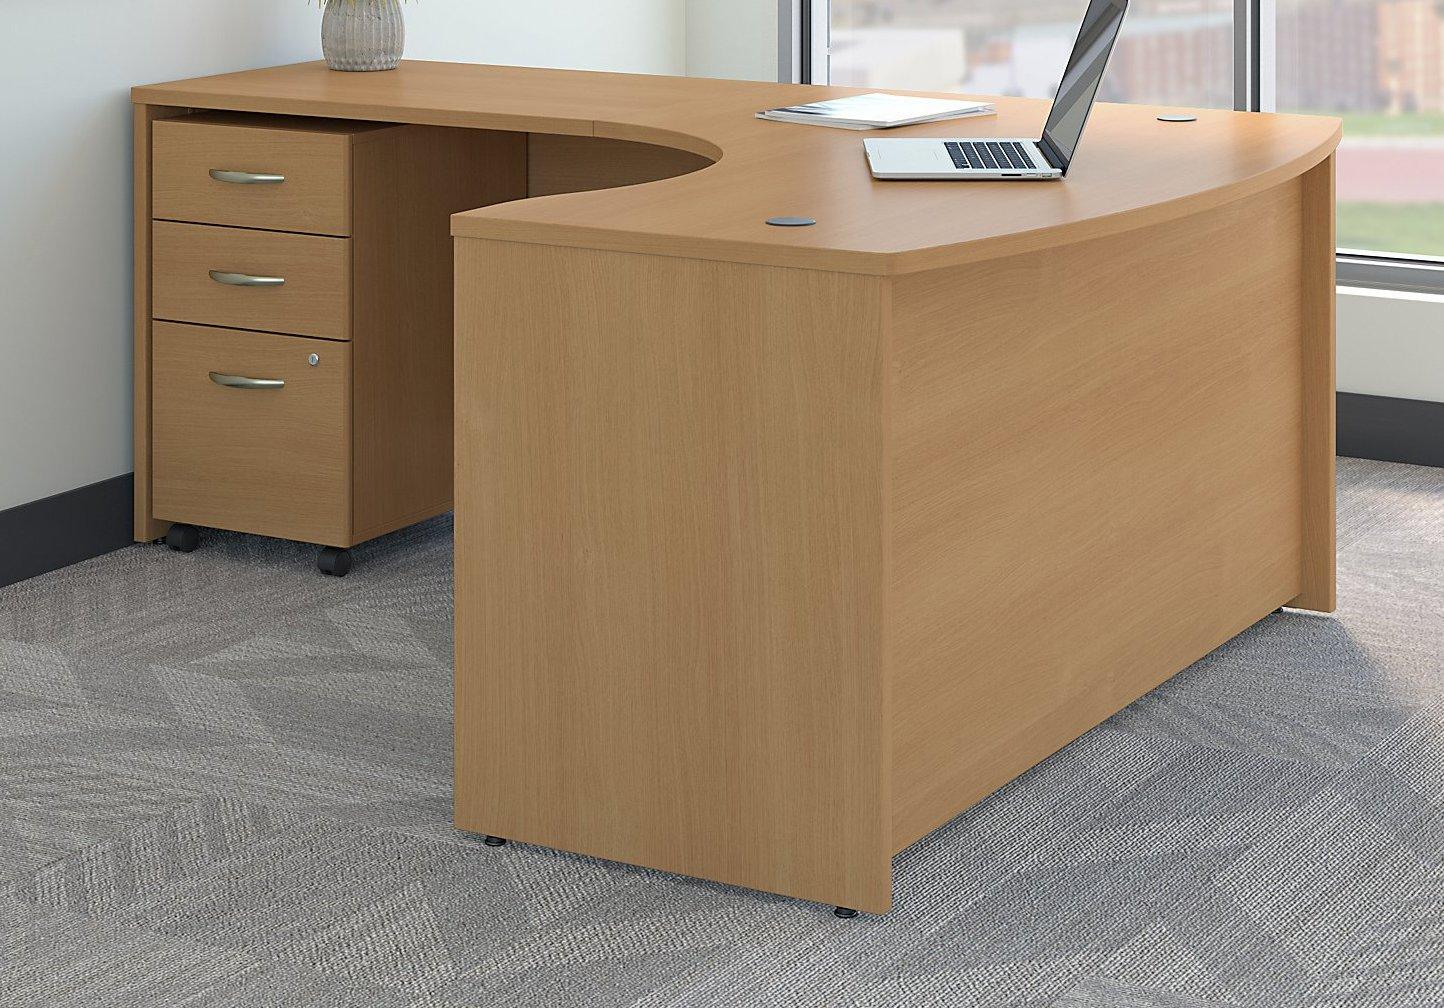 Bush Business Furniture Series C Left Handed L Shaped Desk with Mobile File Cabinet in Light Oak